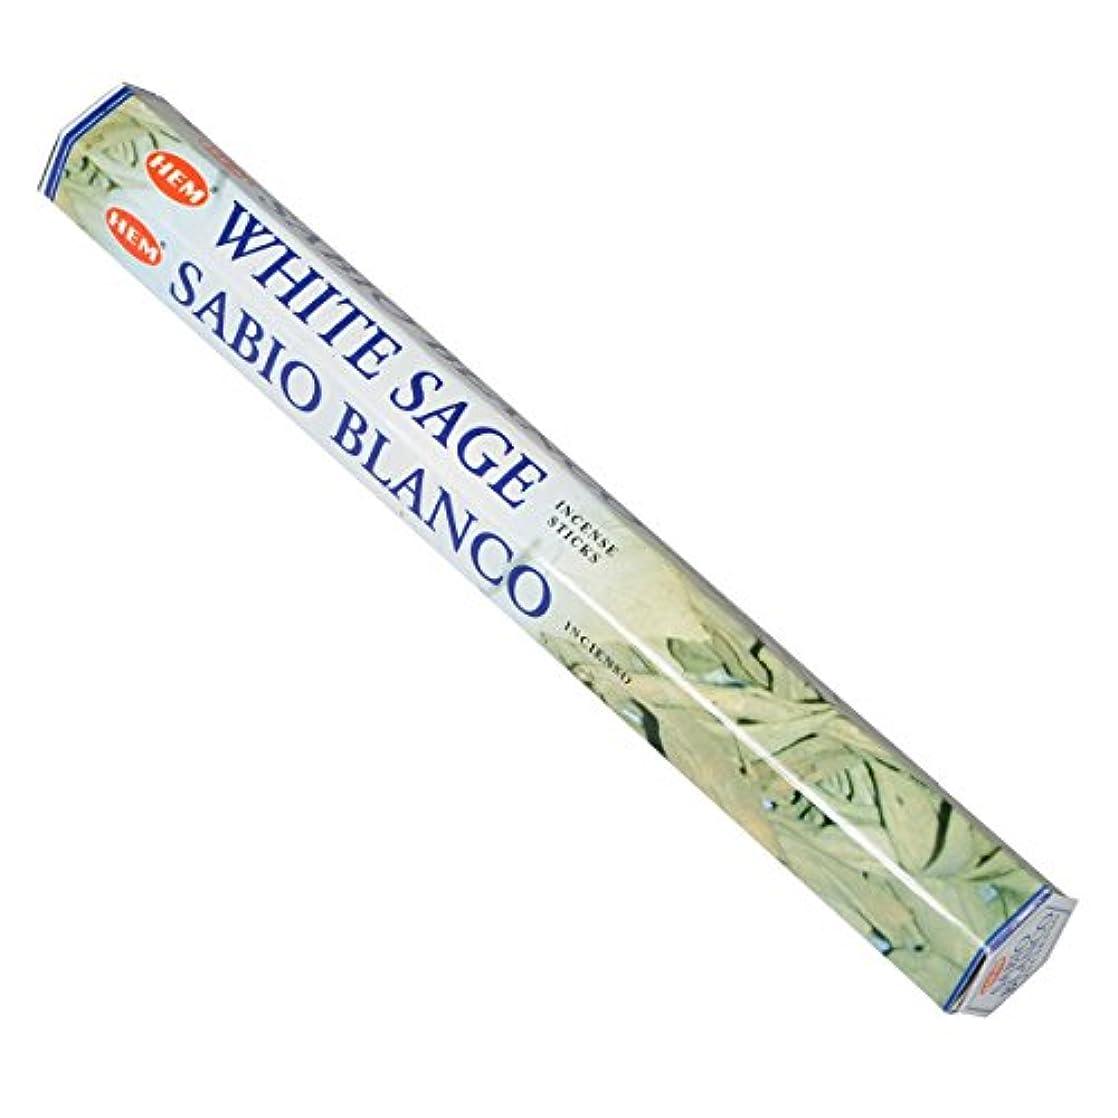 不機嫌そうな締める組み込むHEM(ヘム) ホワイト セージ WHITE SAGE スティックタイプ お香 1筒 単品 [並行輸入品]